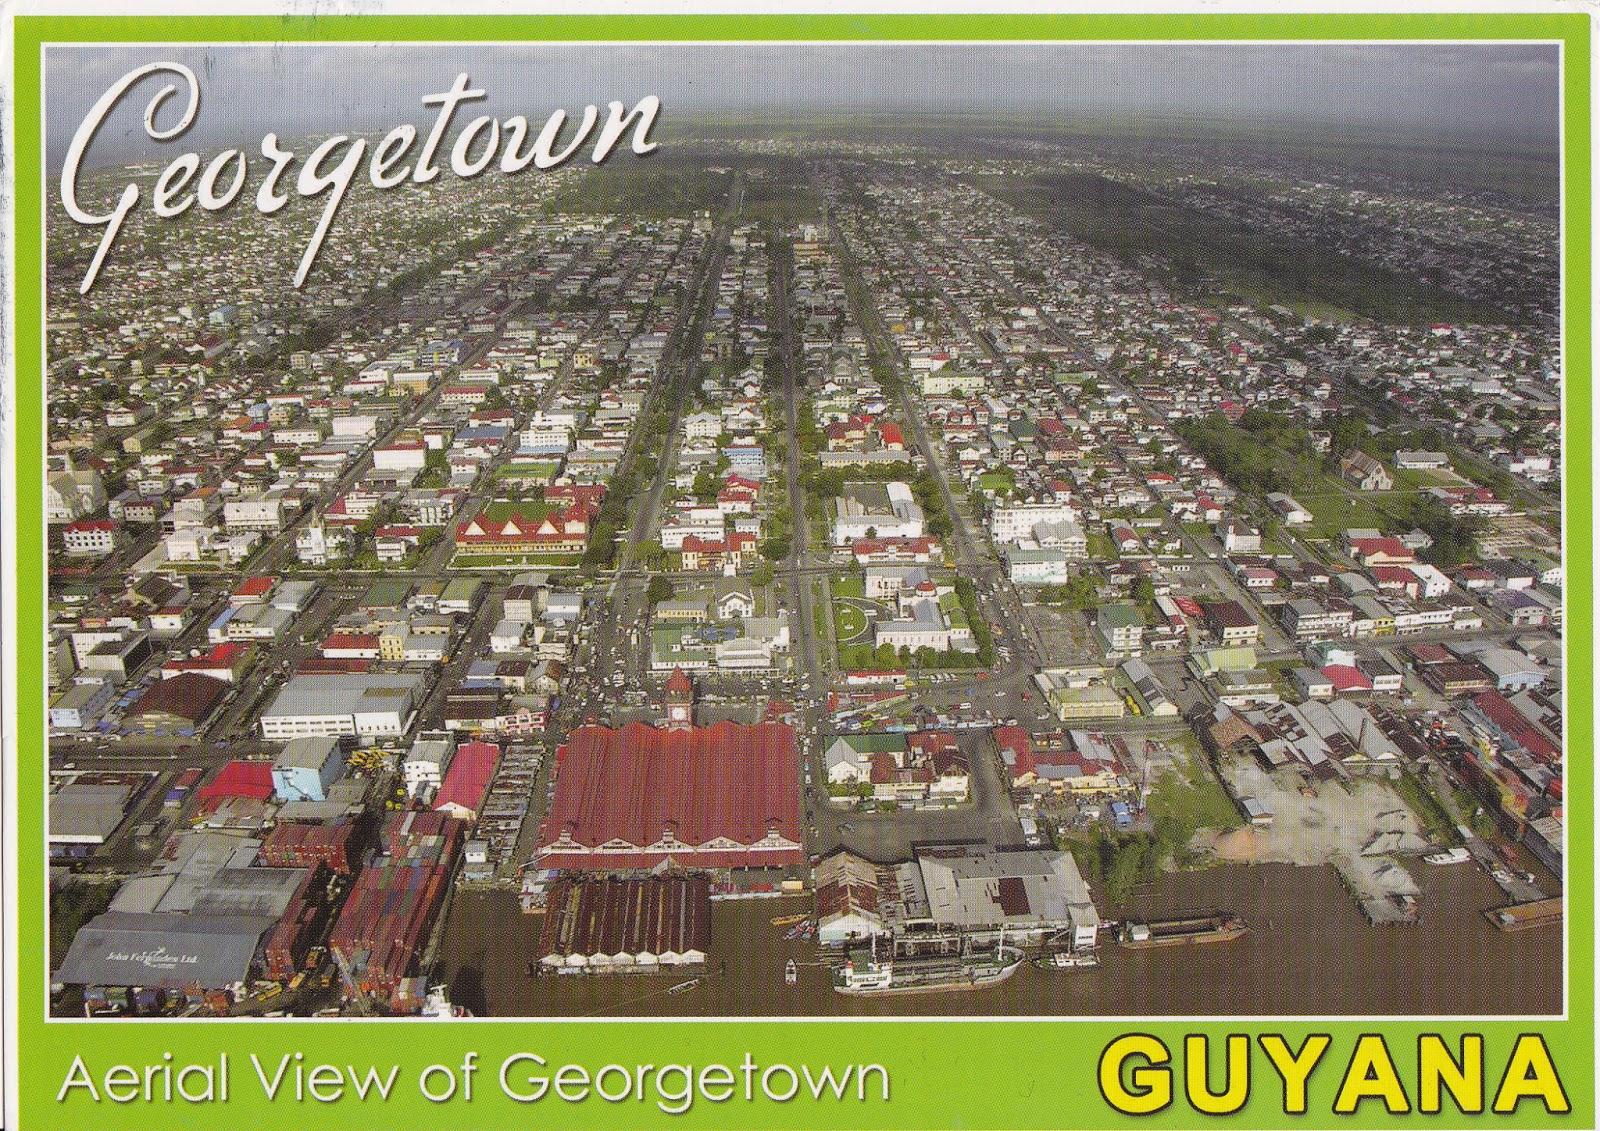 Pošalji mi razglednicu, neću SMS, po azbuci - Page 14 Georgetown,+Guyana,+29.06.2013